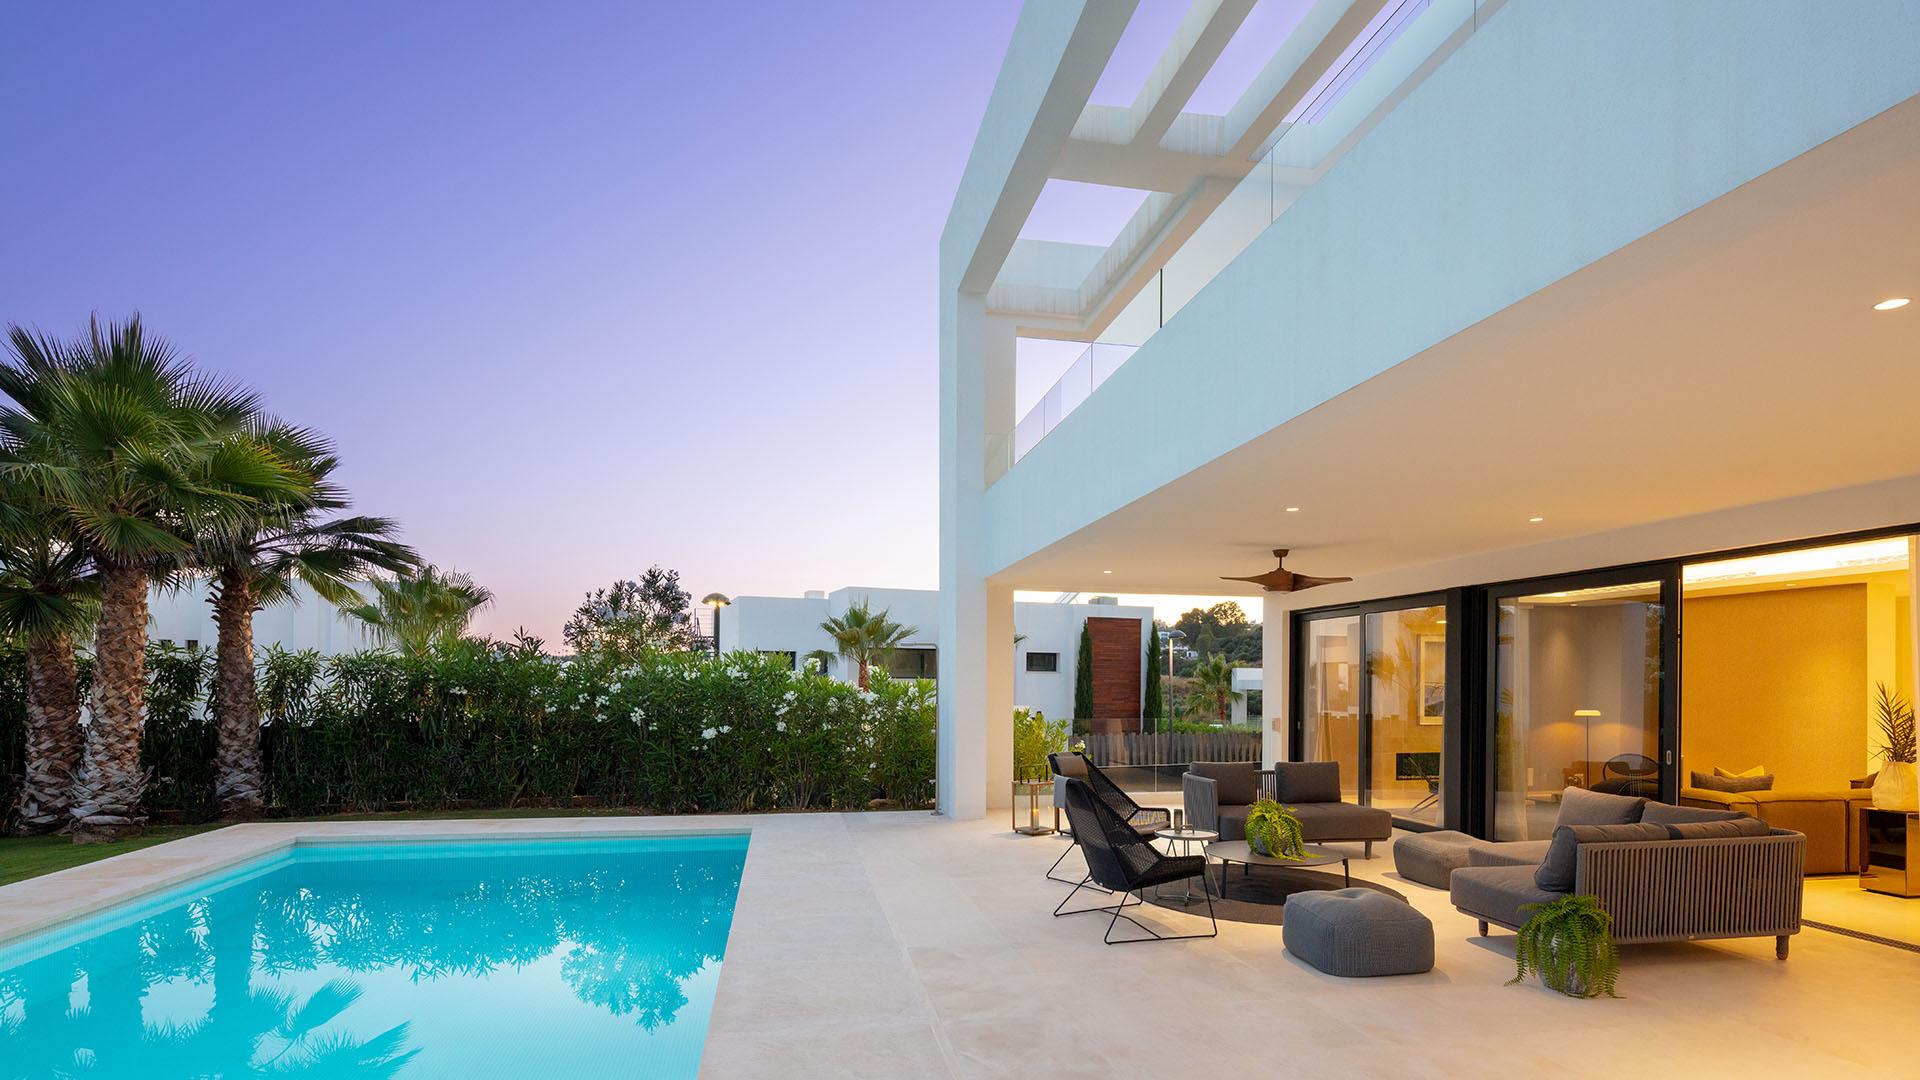 Los Olivos 10: Luxury family home in Nueva Andalucía